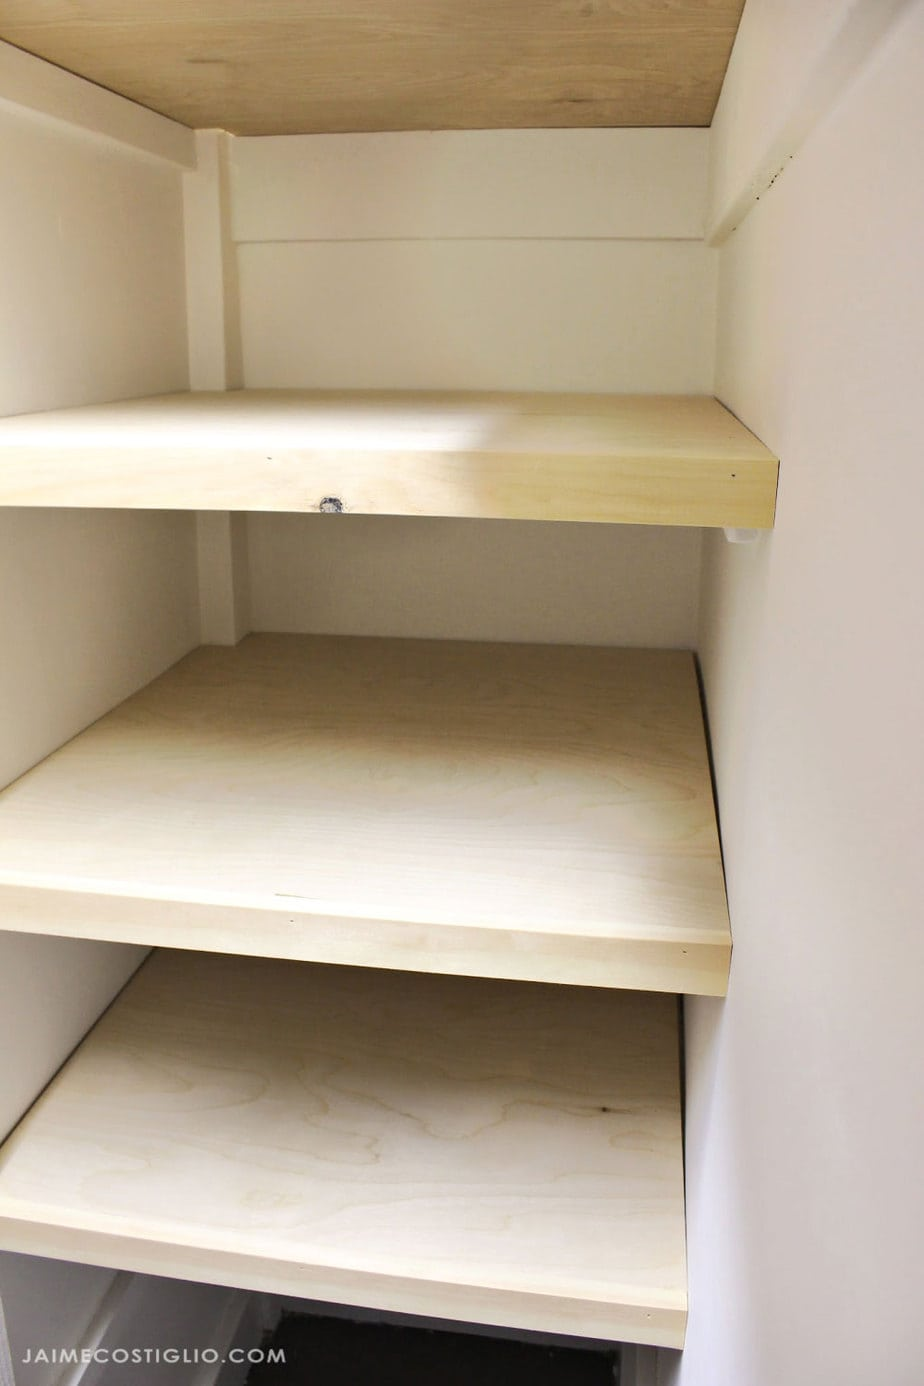 hall linen closet shelves